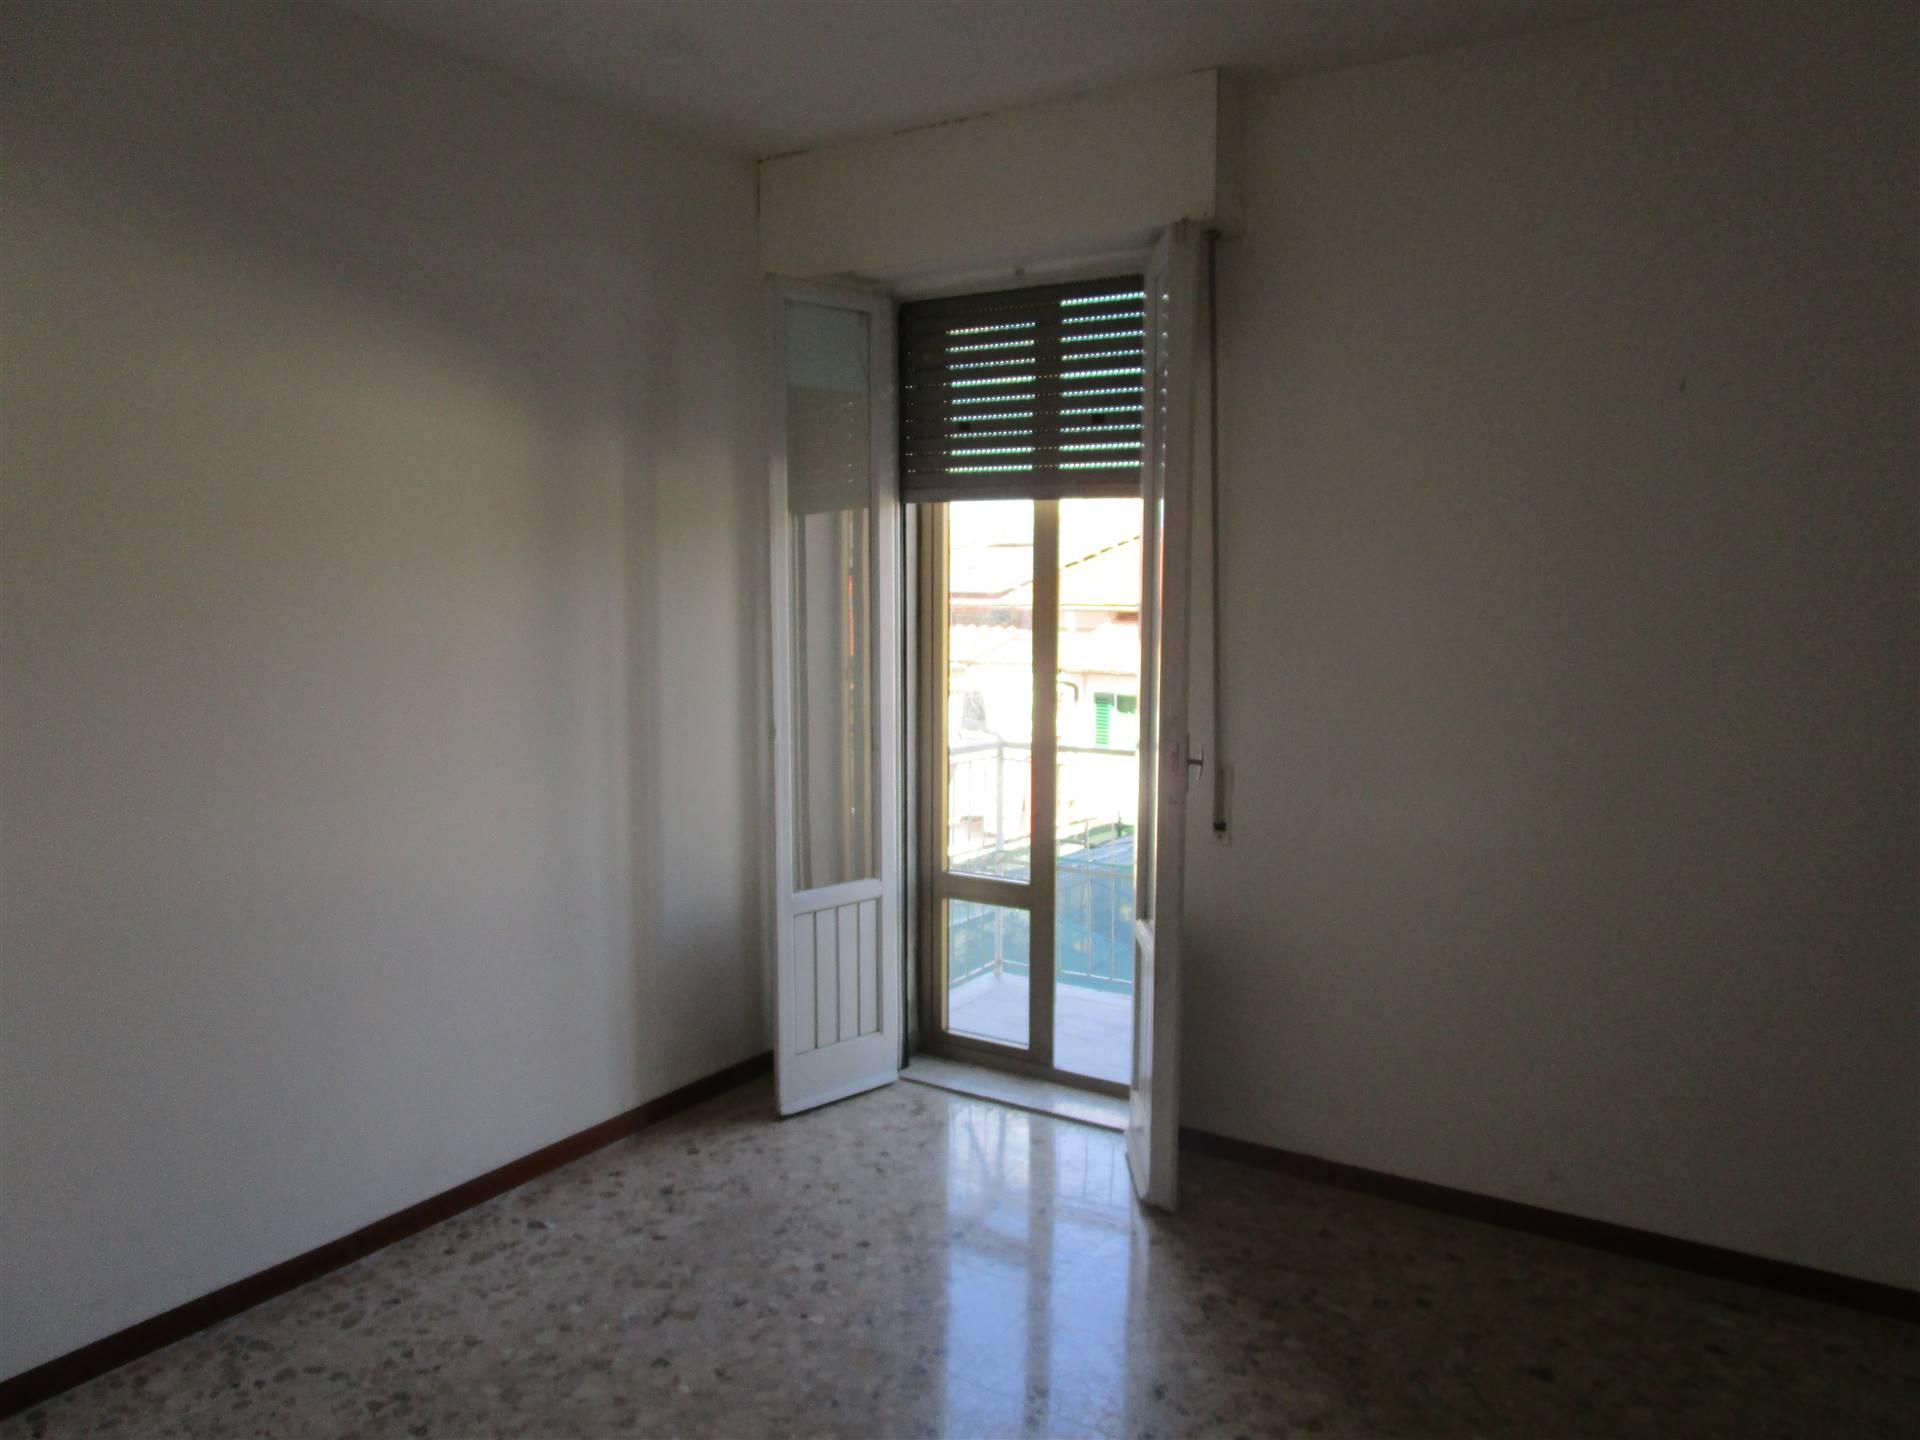 Appartamento in Affitto a Campi bisenzio zona  - immagine 3